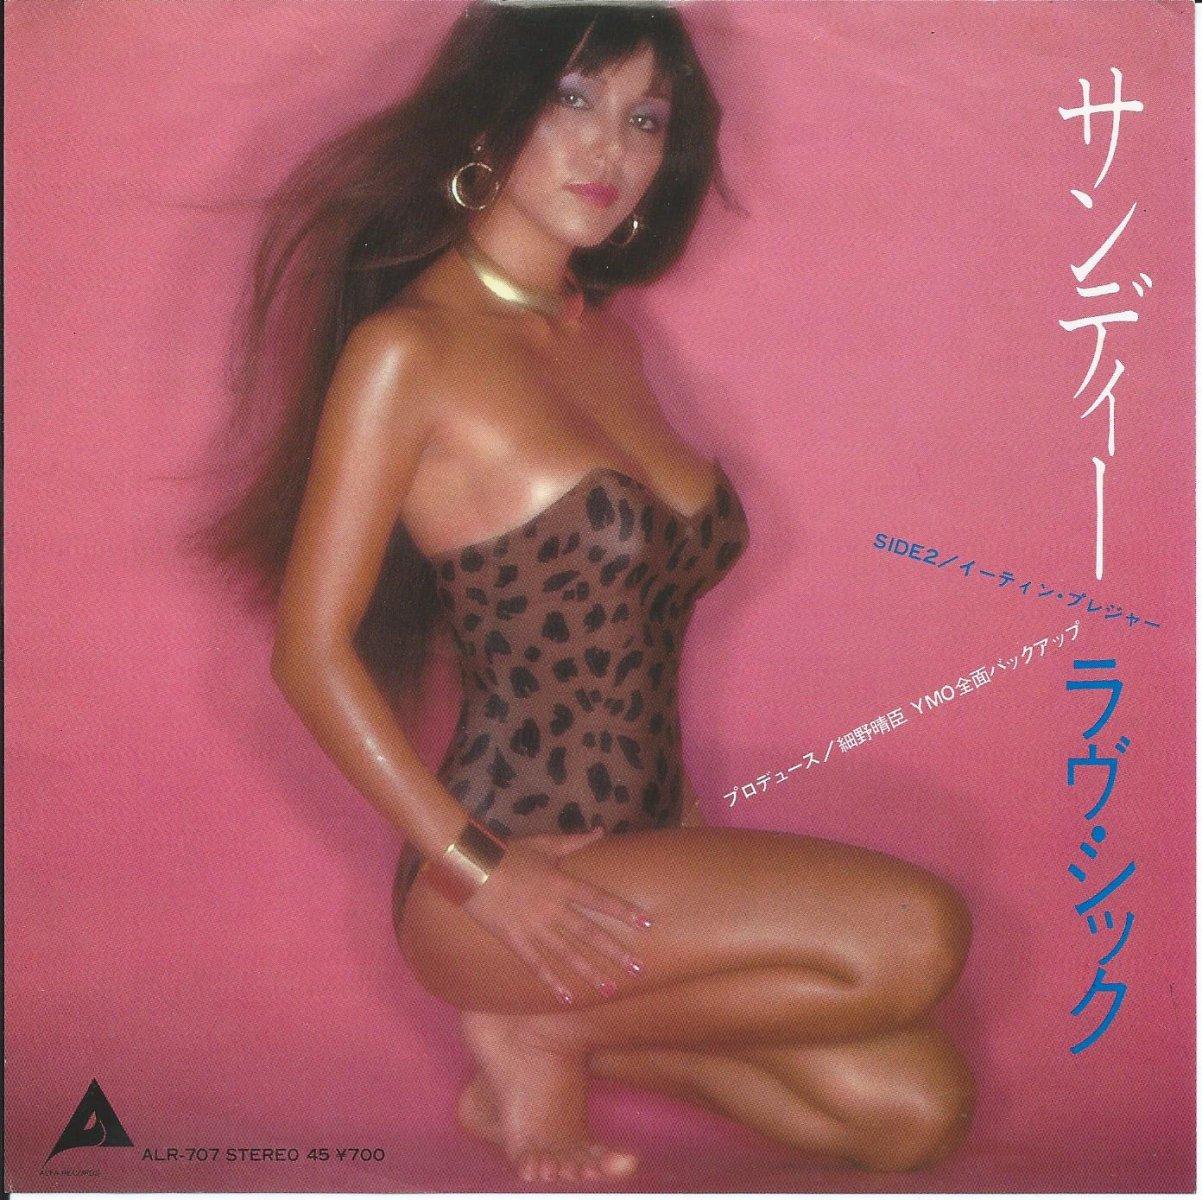 サンディー SANDII / ラヴ・シック LOVE SICK / イーティン・プレジャー EATING PLEASURE (7